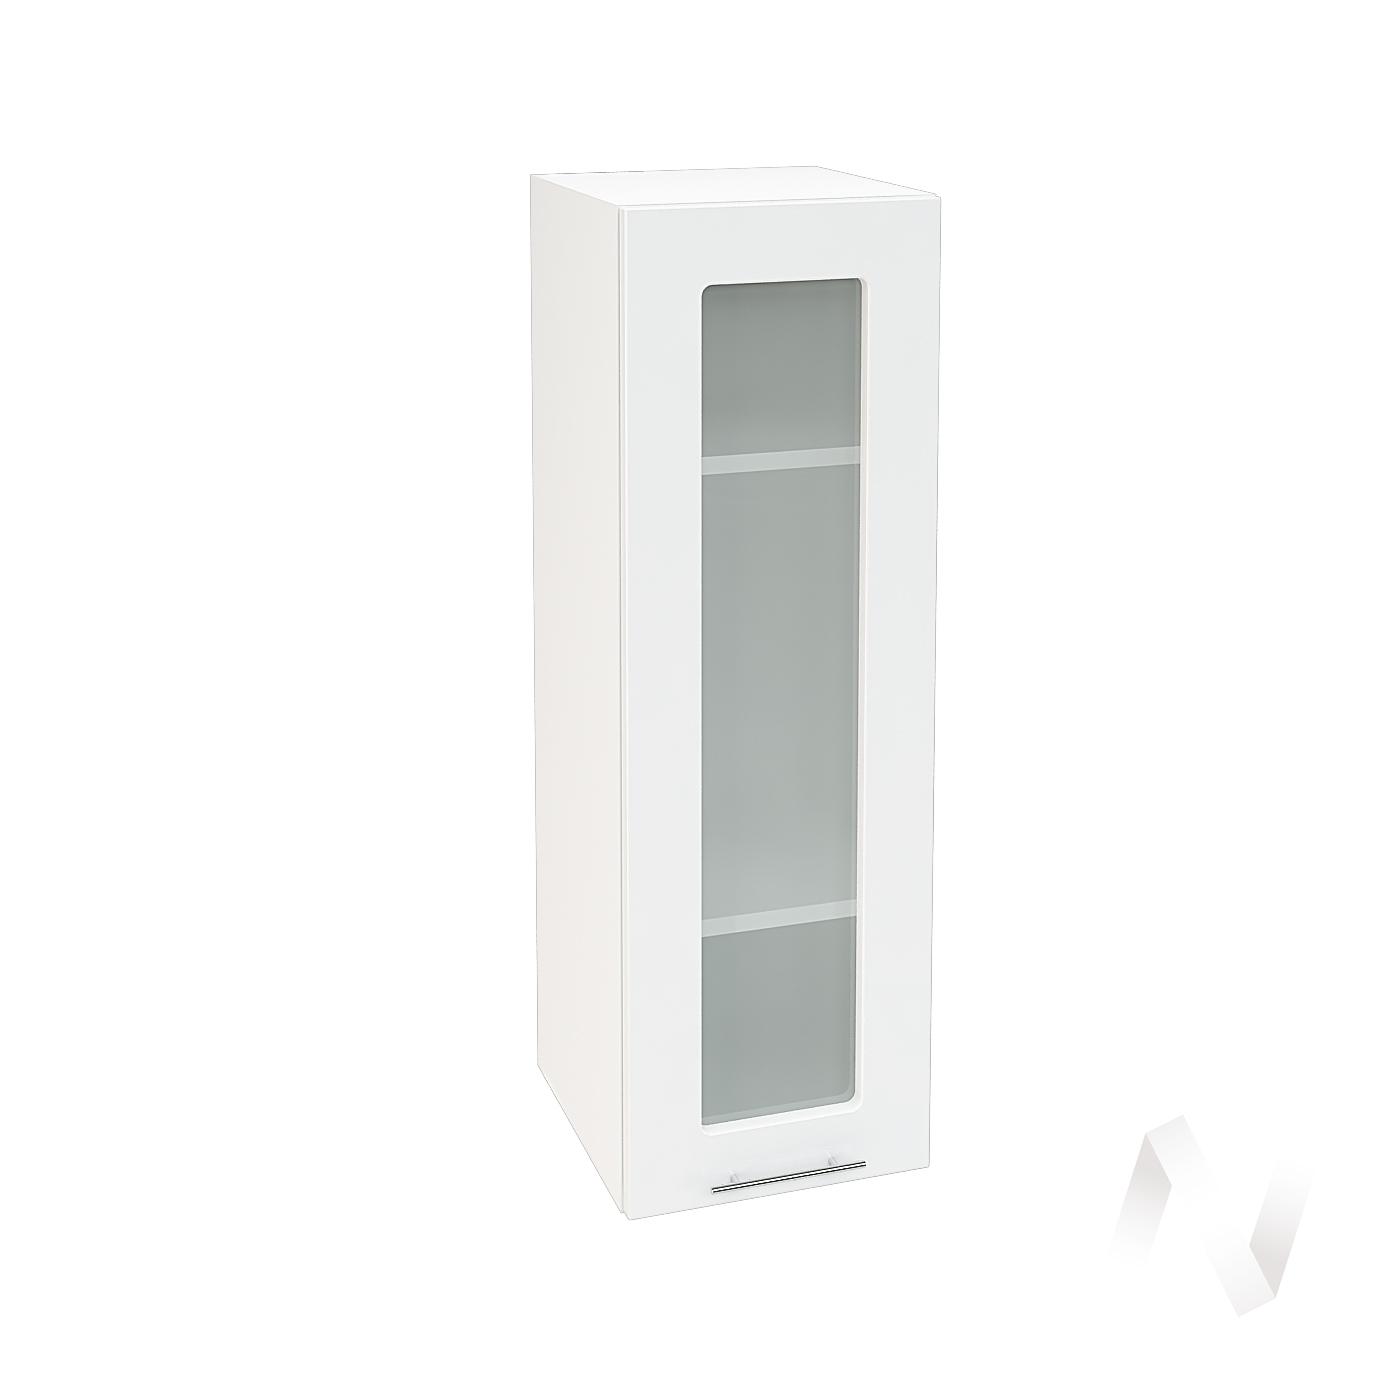 """Кухня """"Валерия-М"""": Шкаф верхний со стеклом 309, ШВС 309 (белый глянец/корпус белый)"""